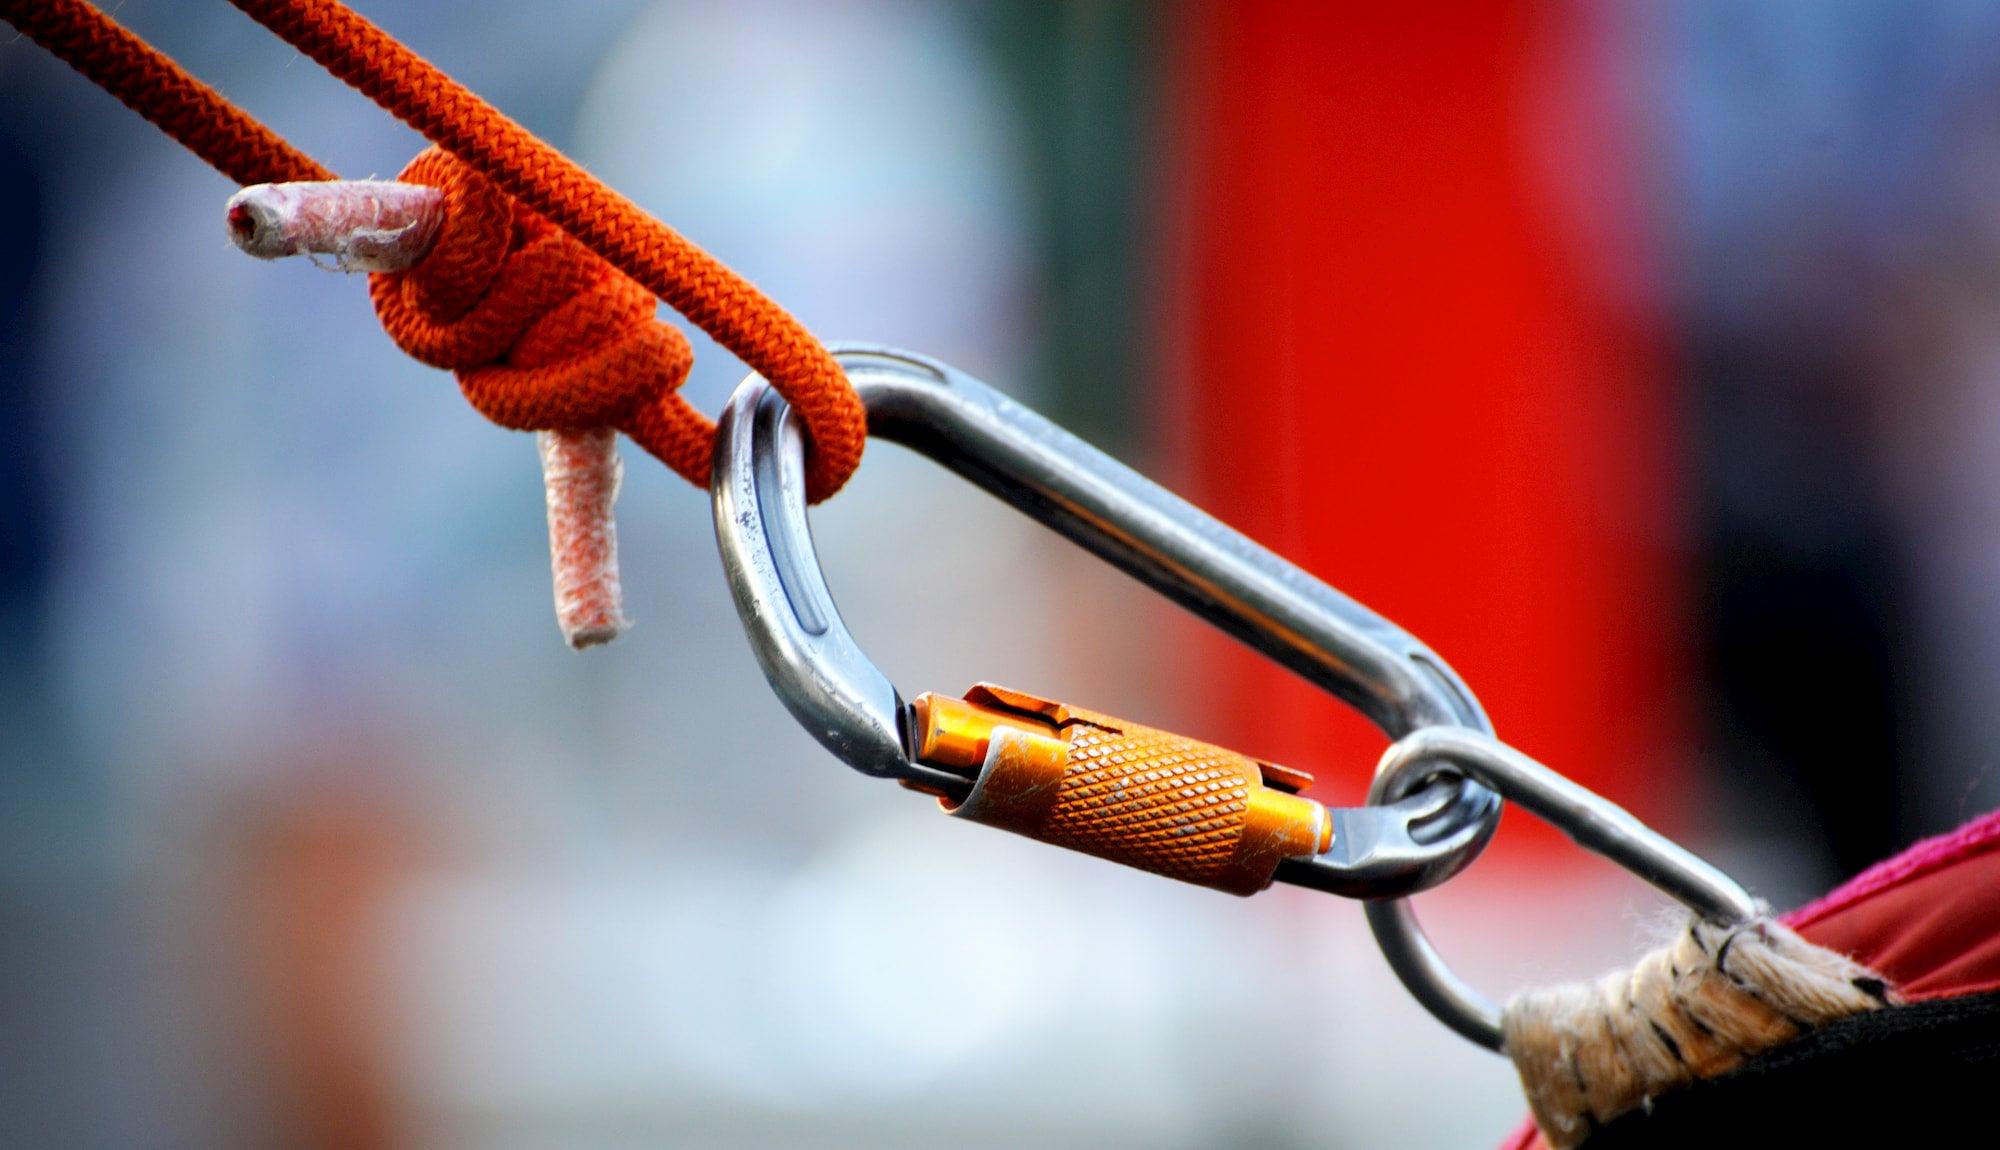 Locking carabiner between a rope and a metal loop.